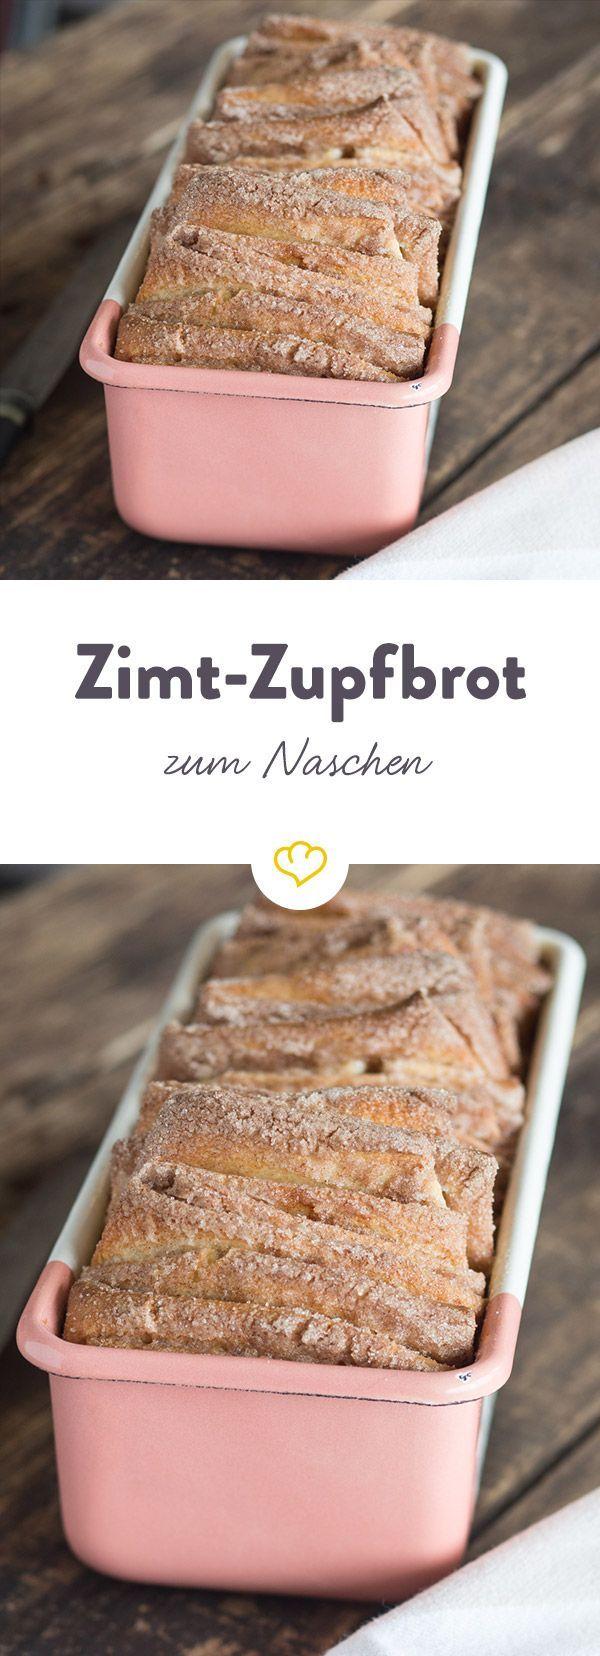 Zimt-Zupfbrot – willkommen im Gebäck-Himmel – doina iliescu